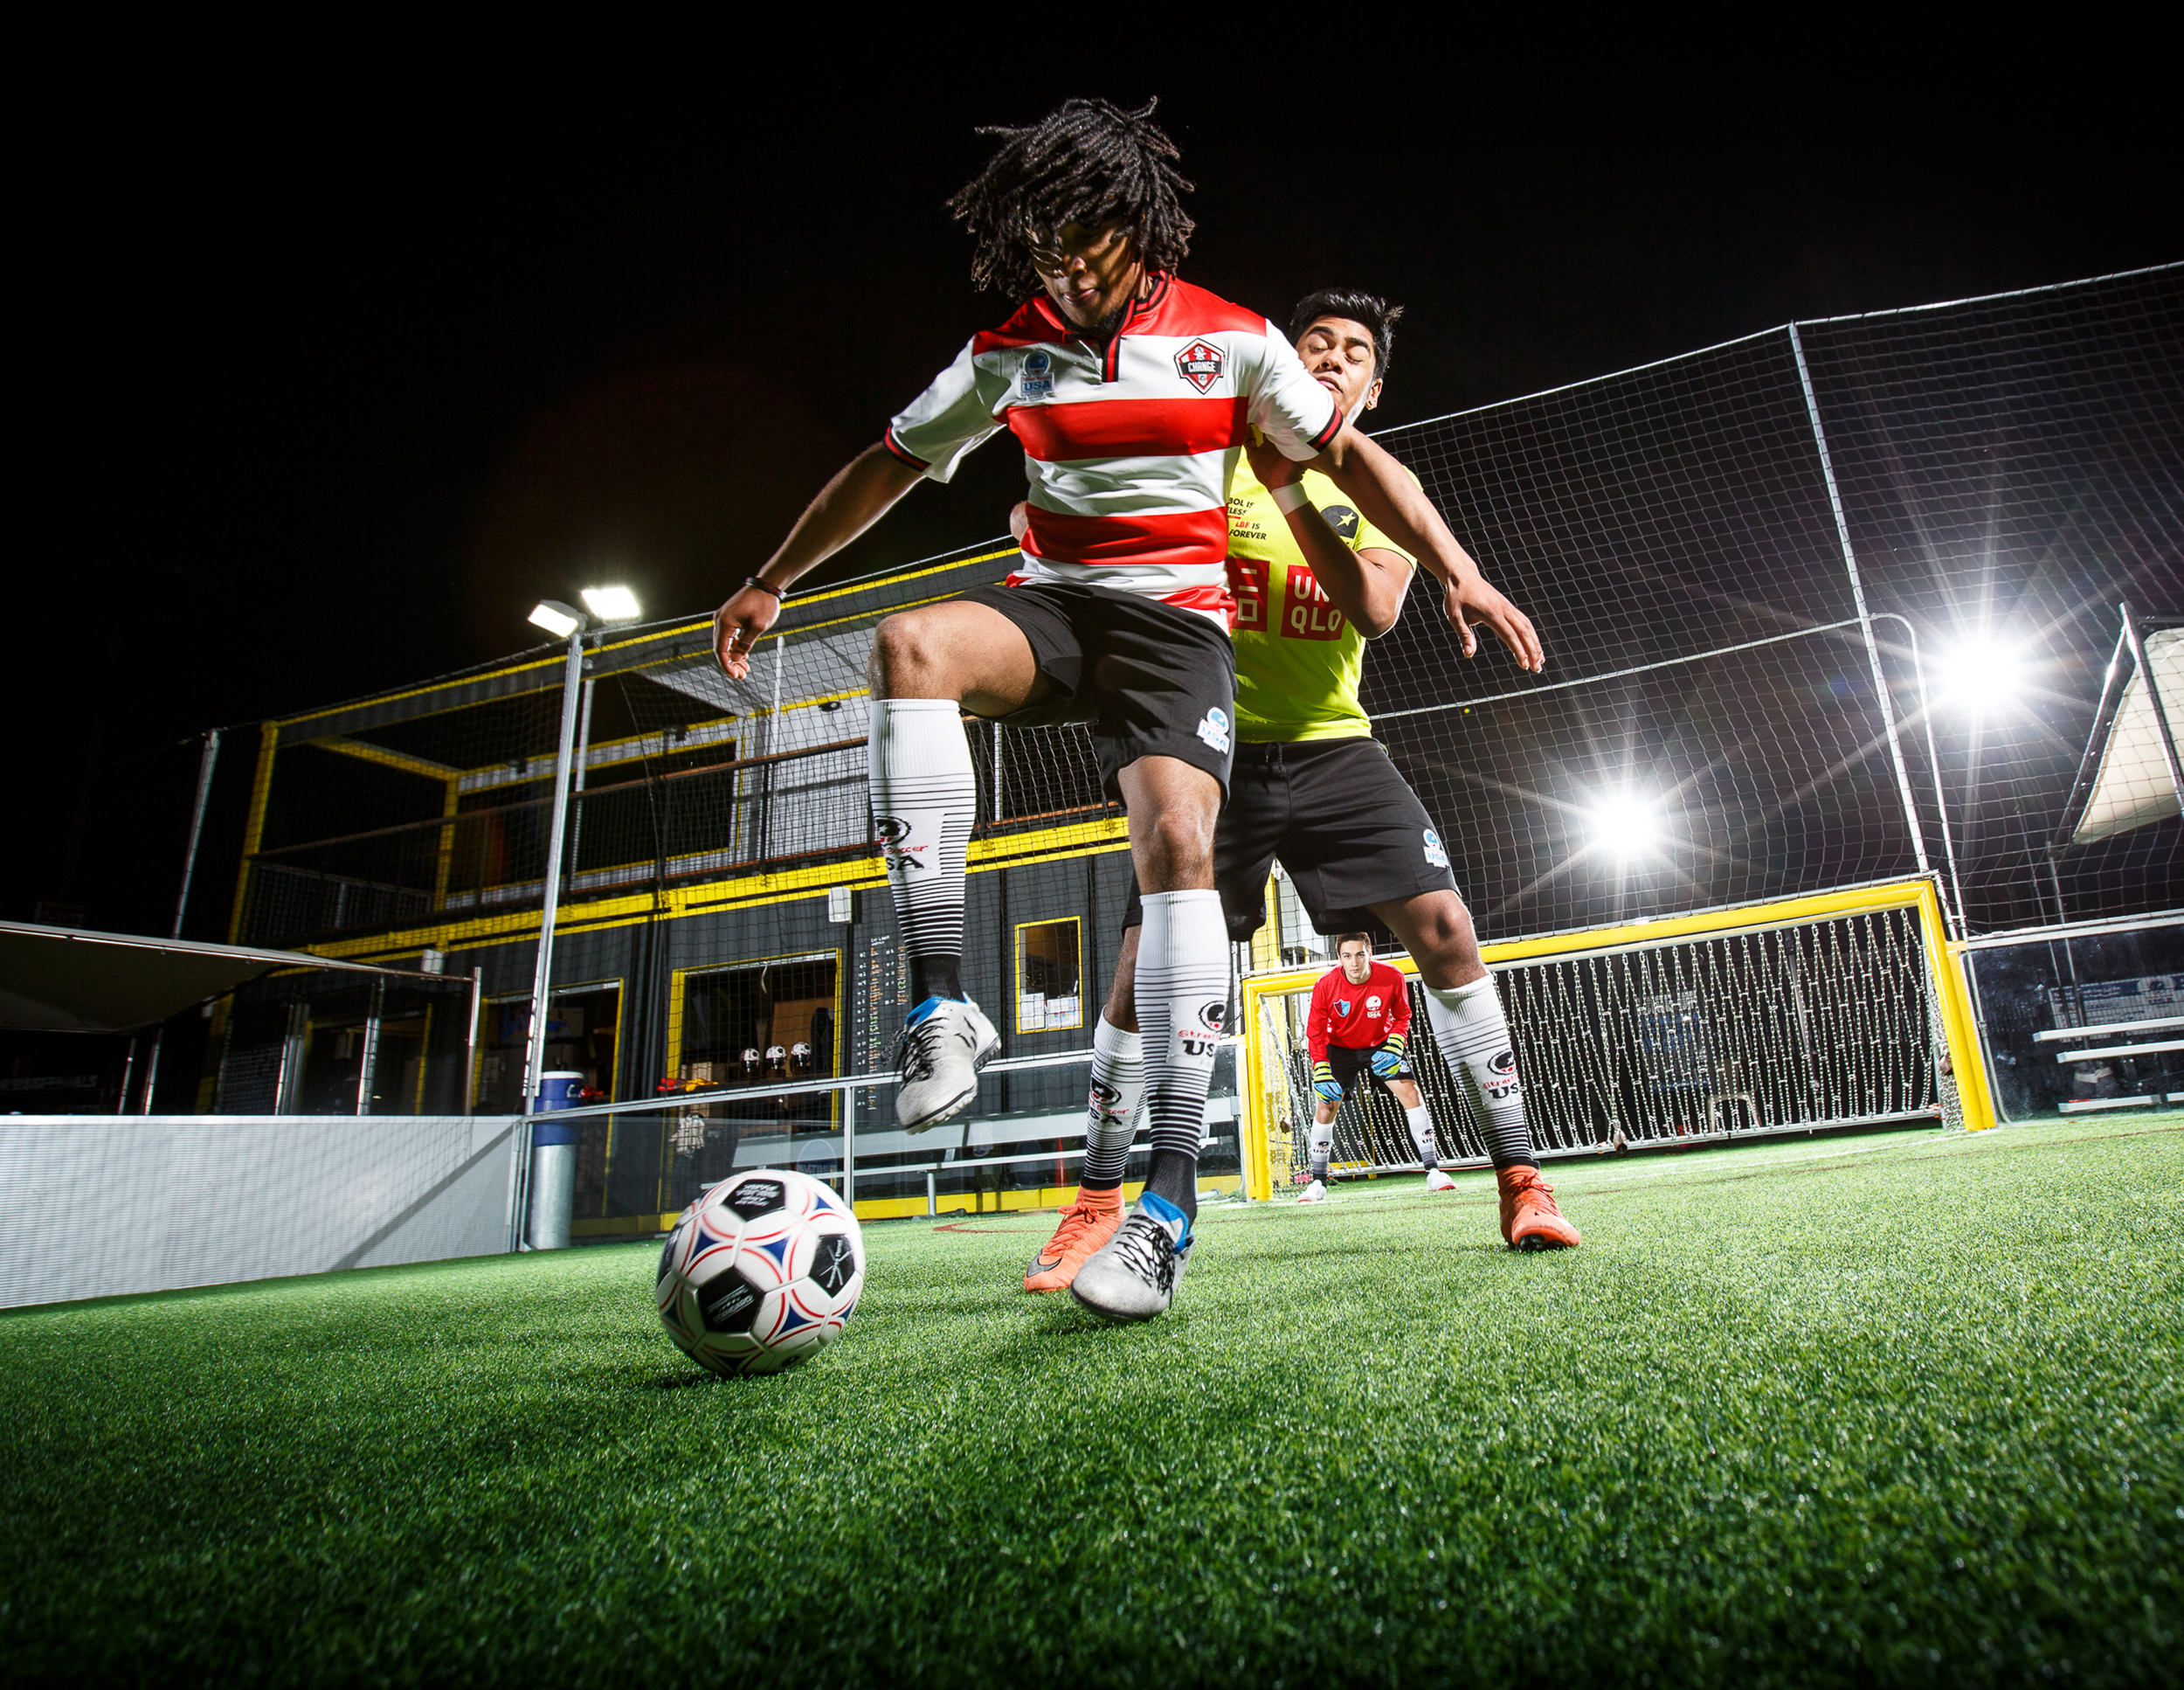 soccer_31.jpg